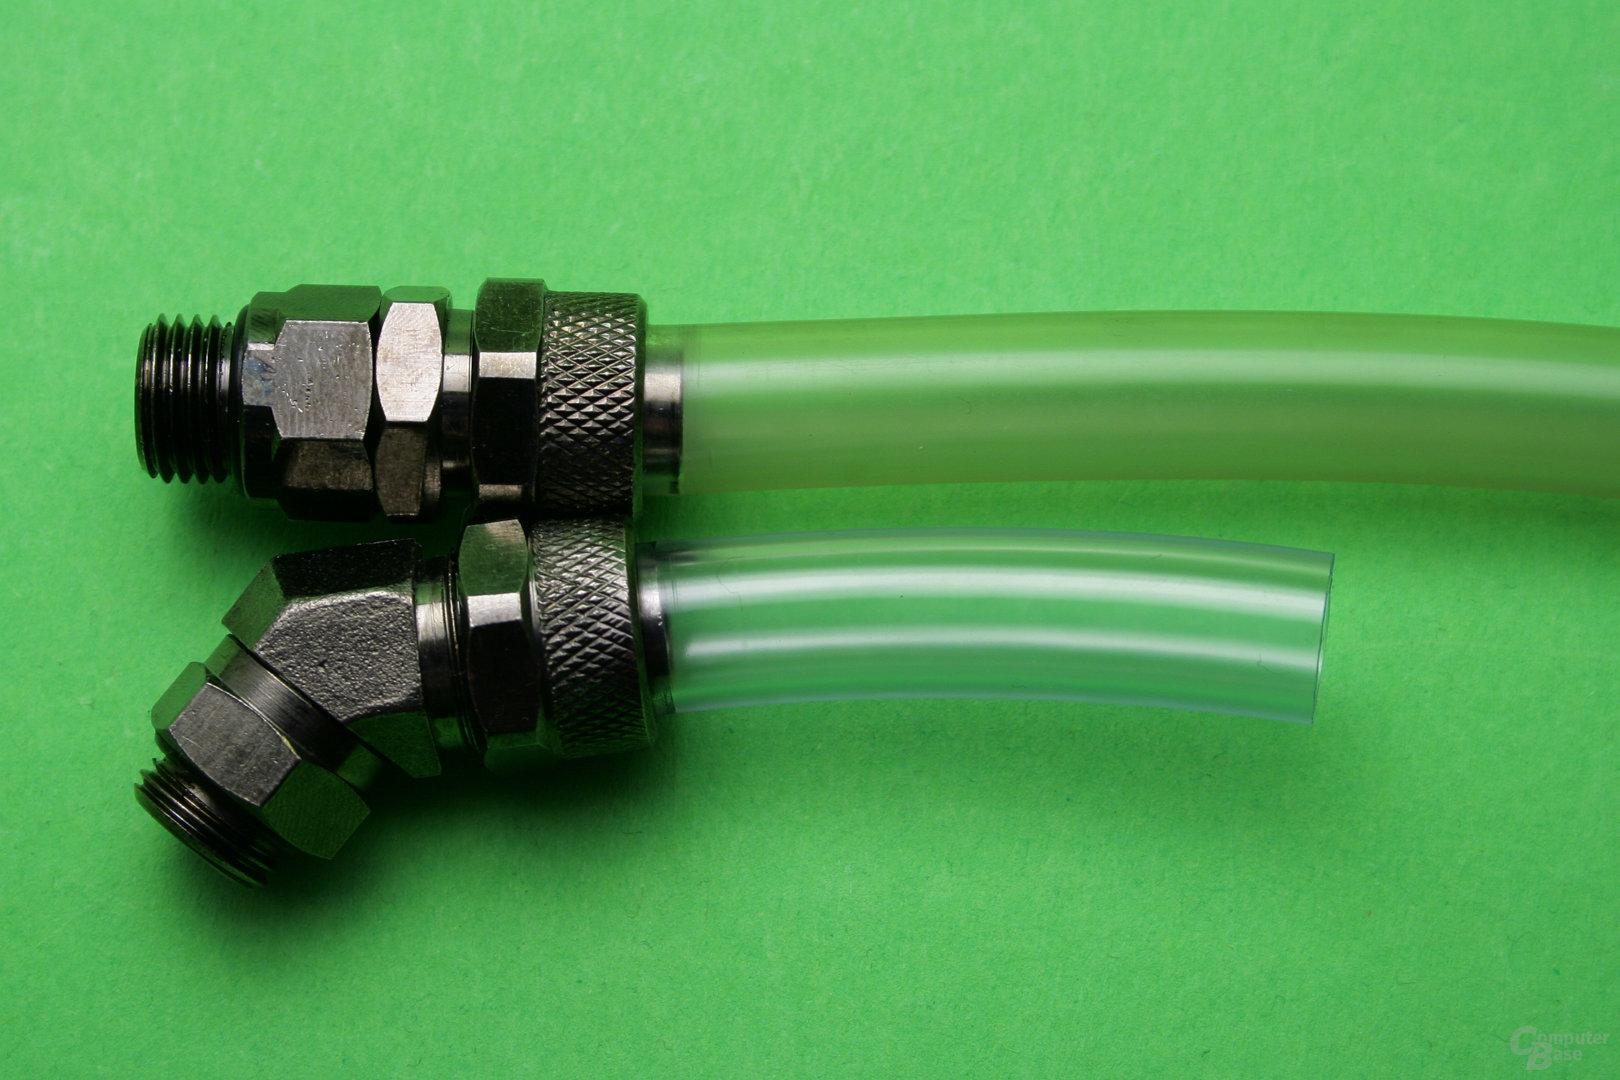 Transparenter 13/10 PVC-Schlauch: Neu (unten) und nach längerem Einsatz (oben)